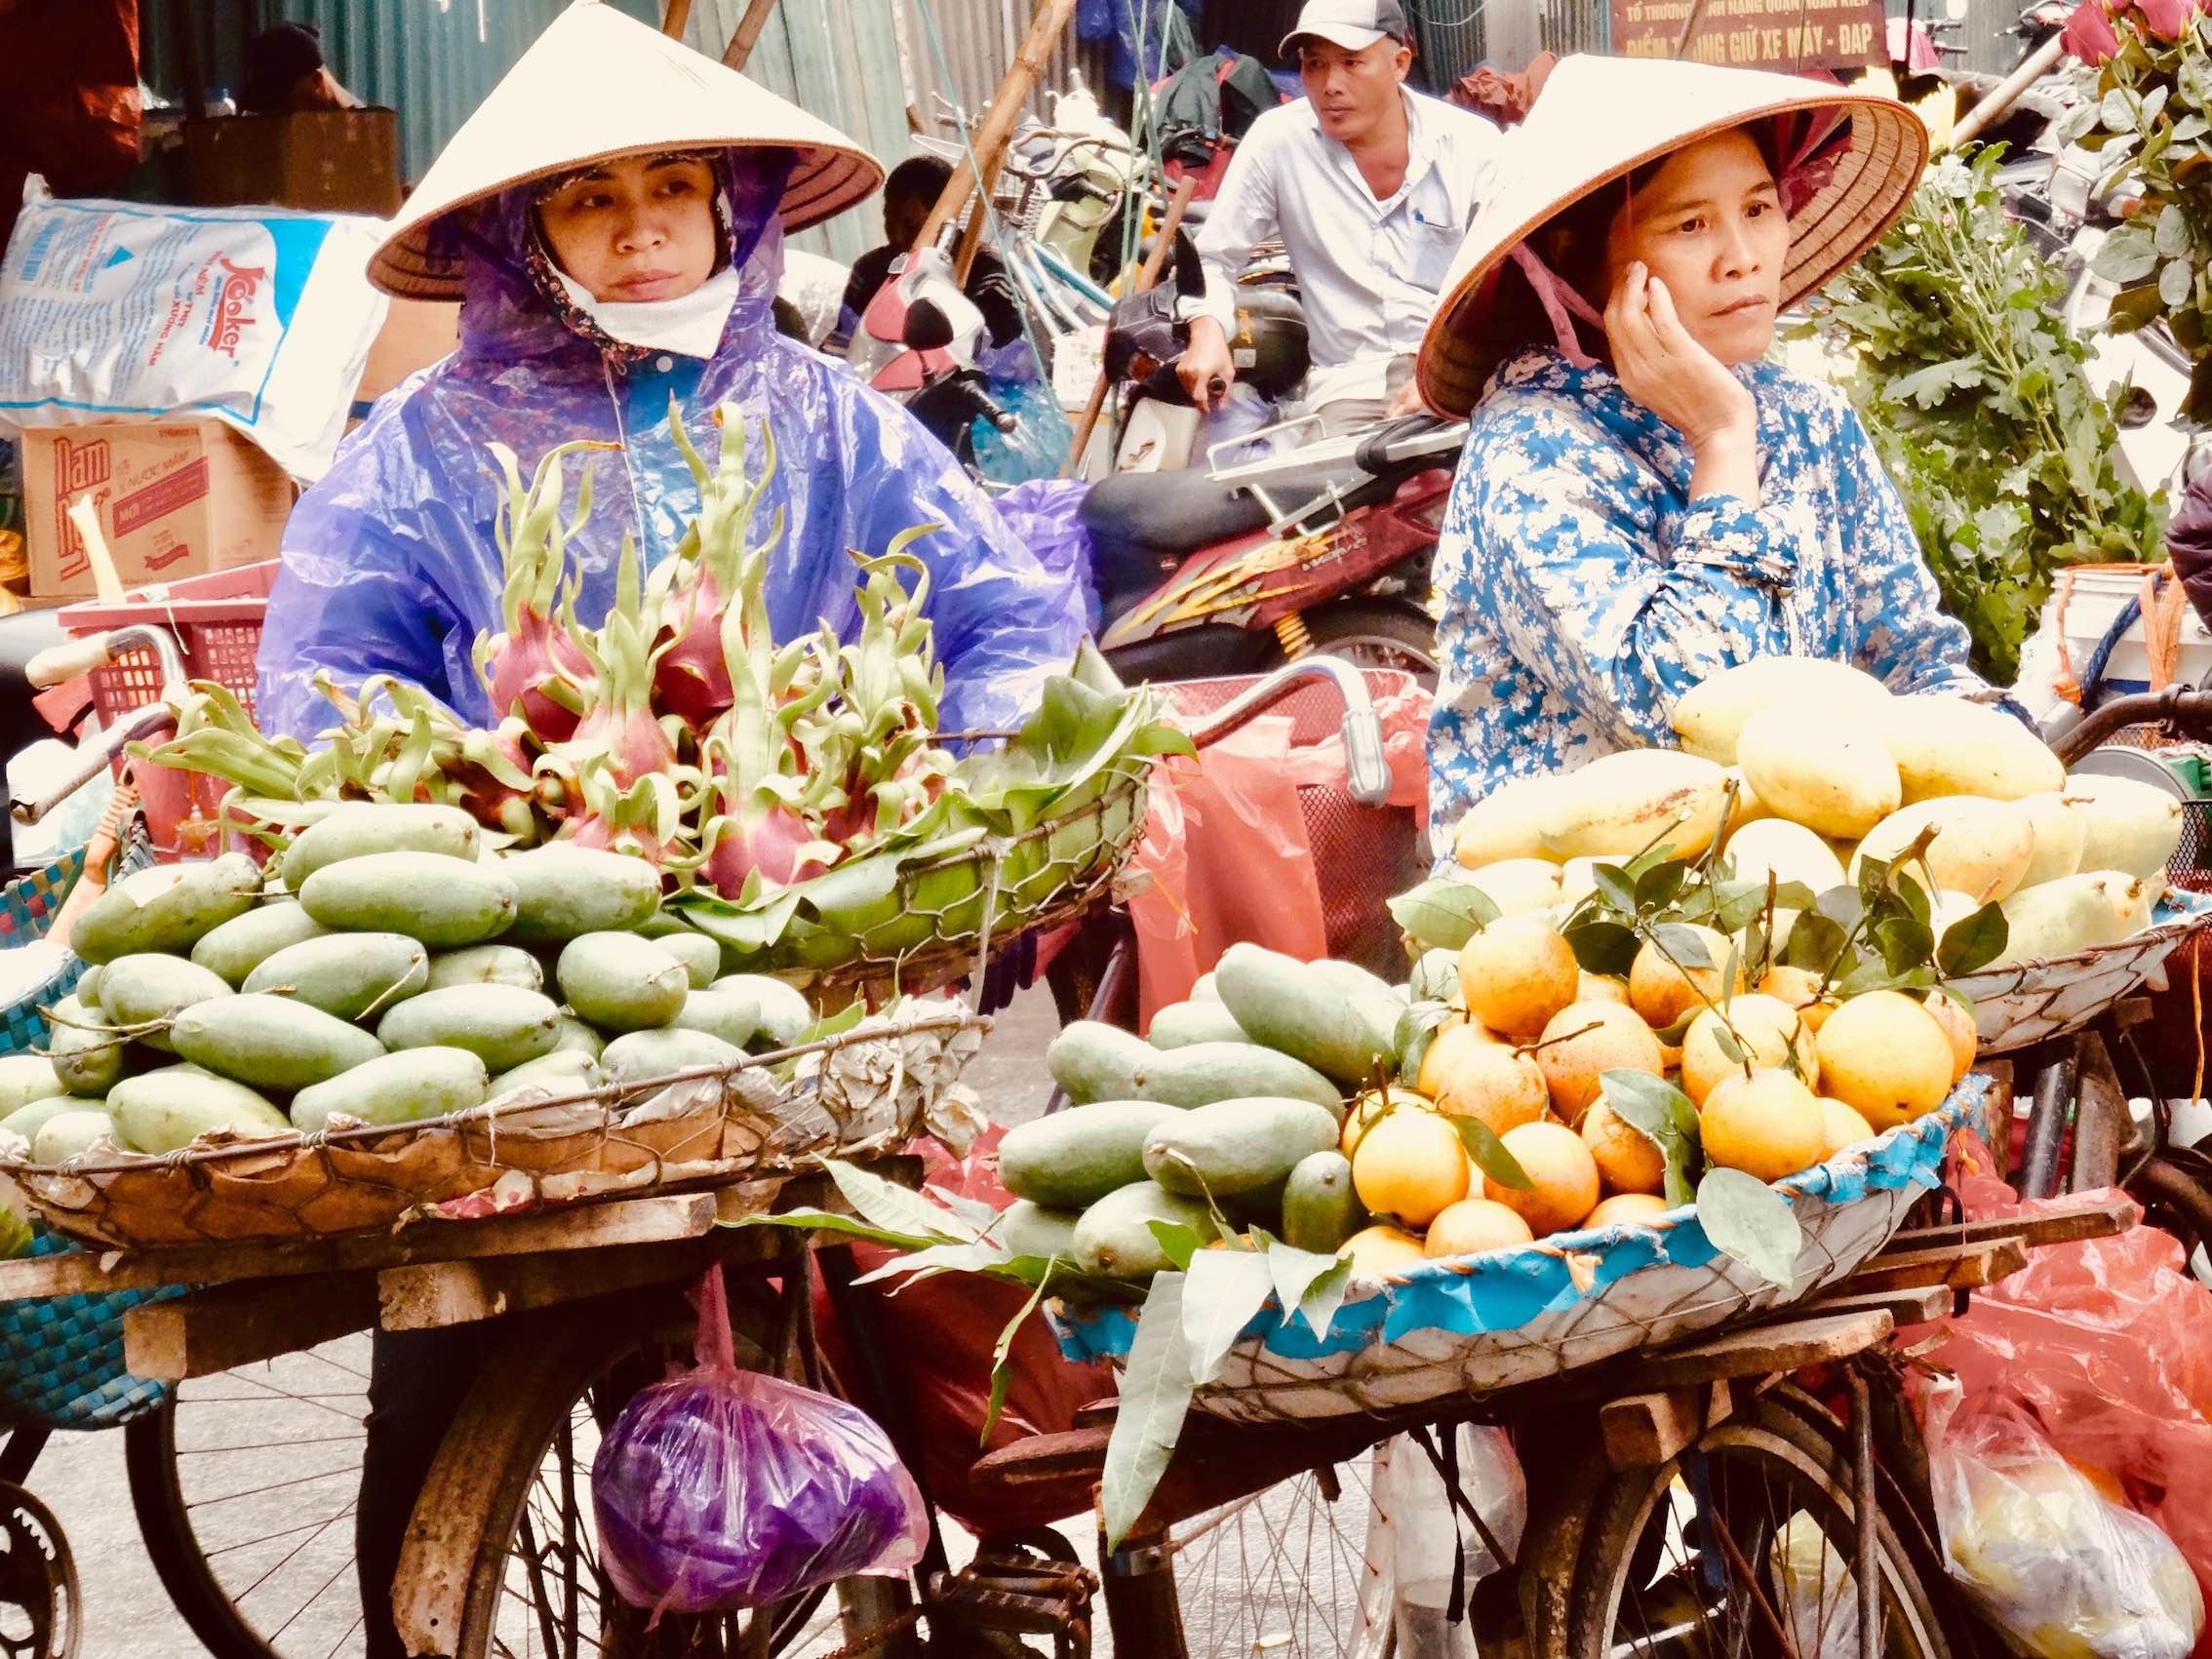 Fruit and veg vendors Hanoi Old Quarter